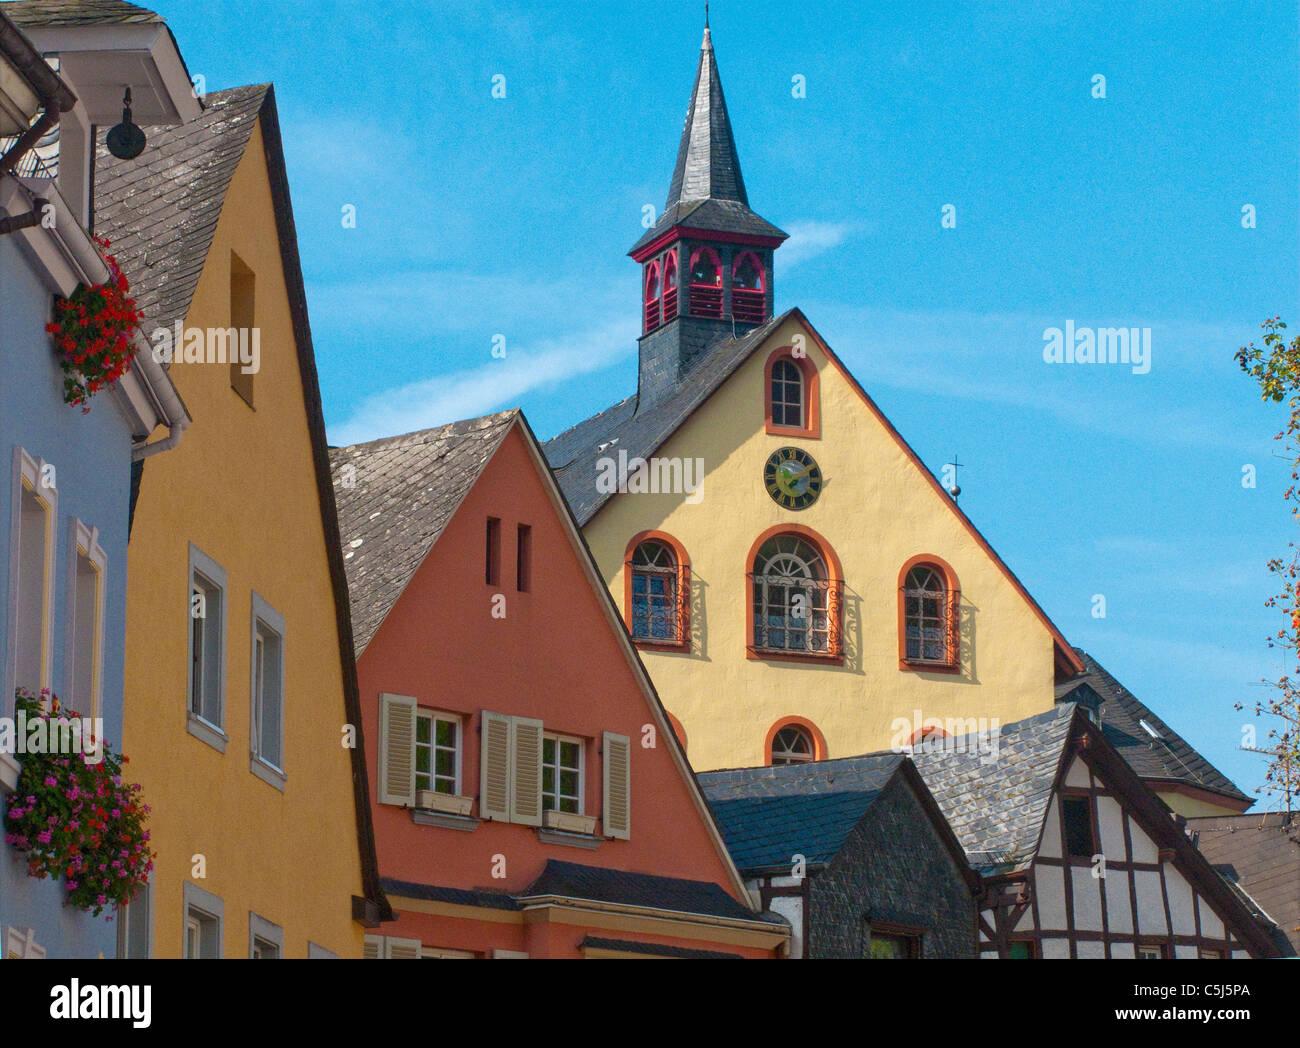 Bunte Haeuser in der Altstadt, historischer Stadtkern, Bernkastel-Kues, Mosel,  Houses in the old town, Moselle - Stock Image